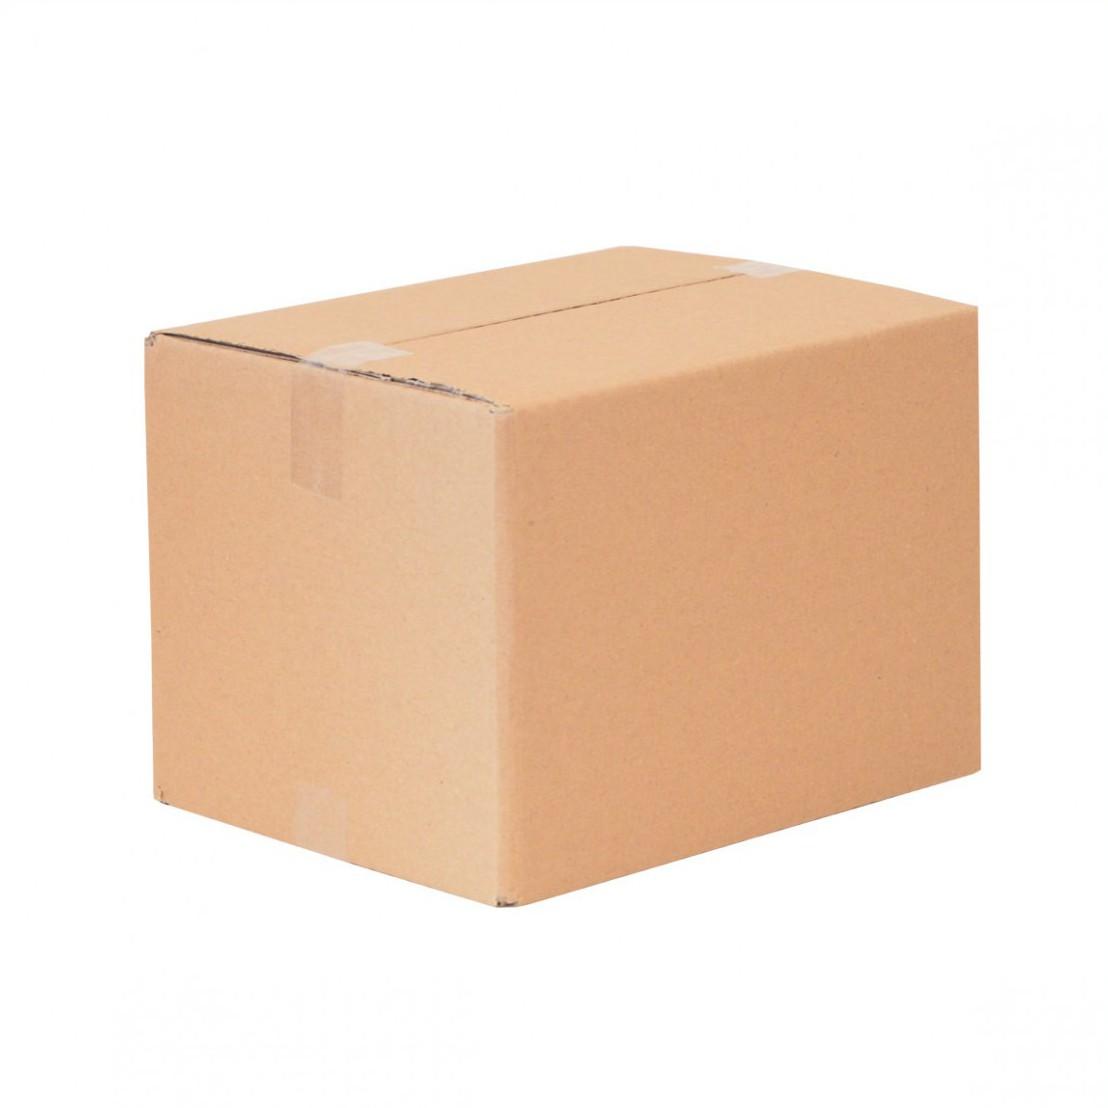 Exemple de carton standard pour votre déménagement